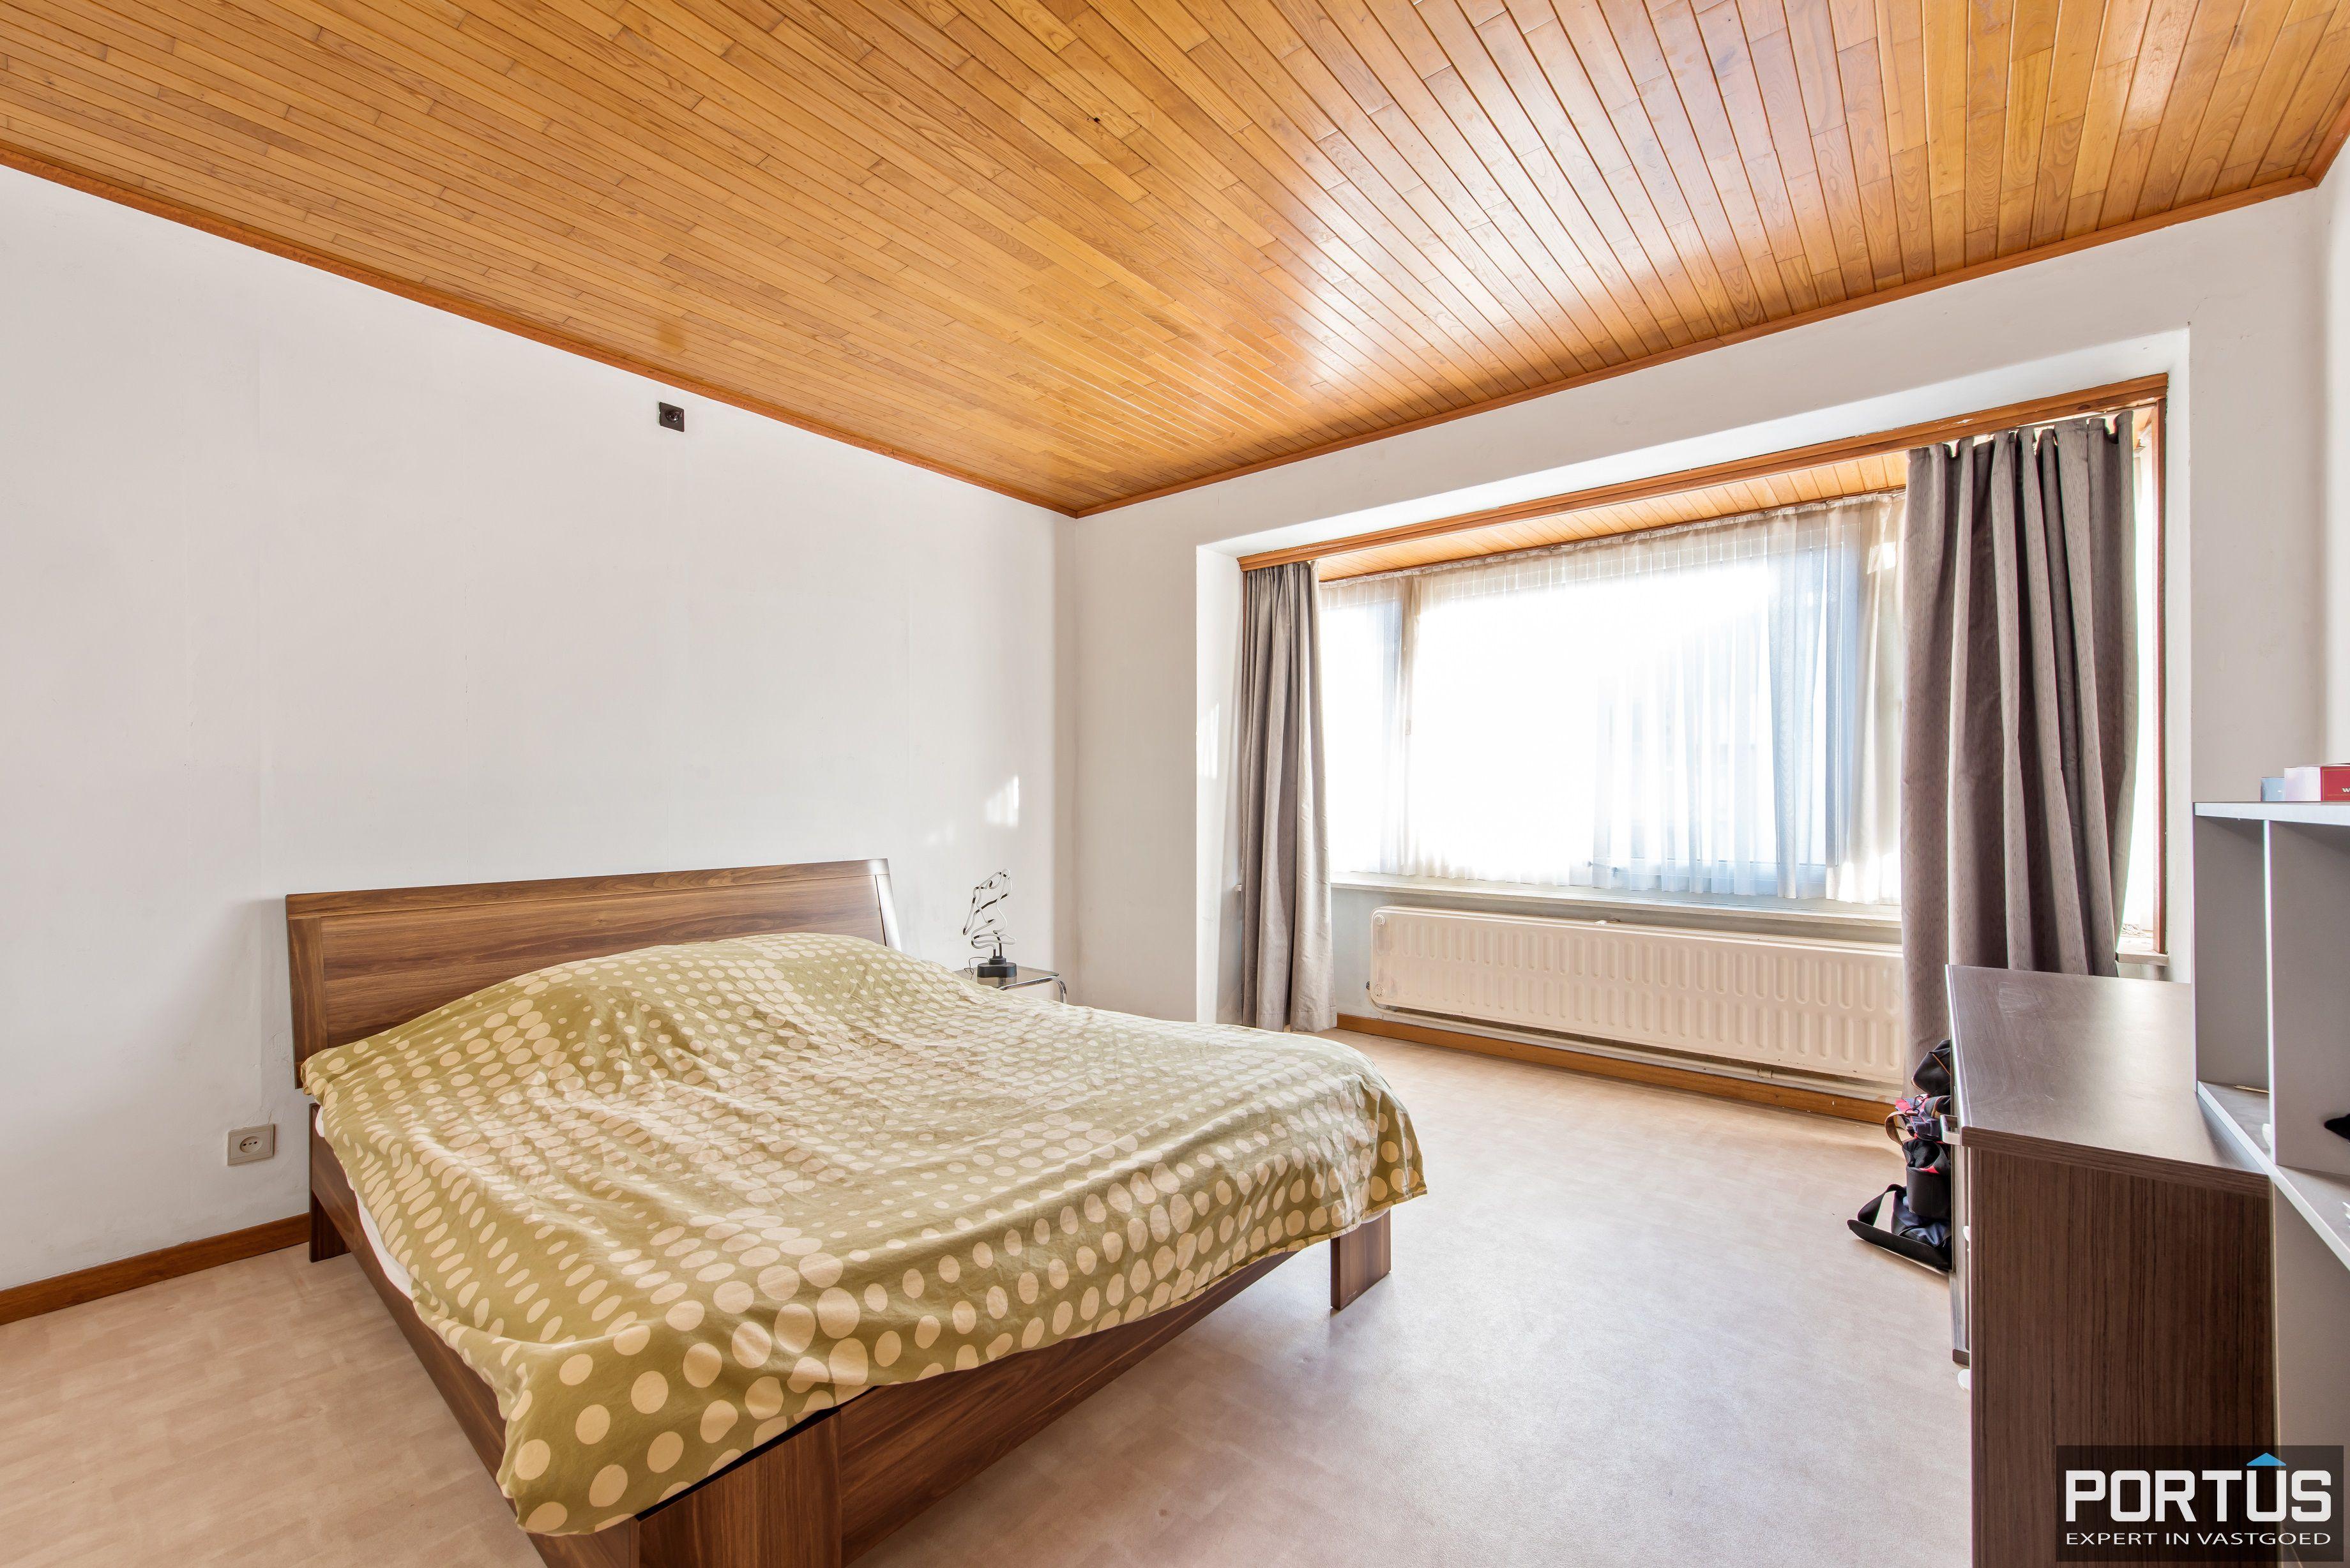 Woning met 4 slaapkamers en grote tuin te koop - 10790